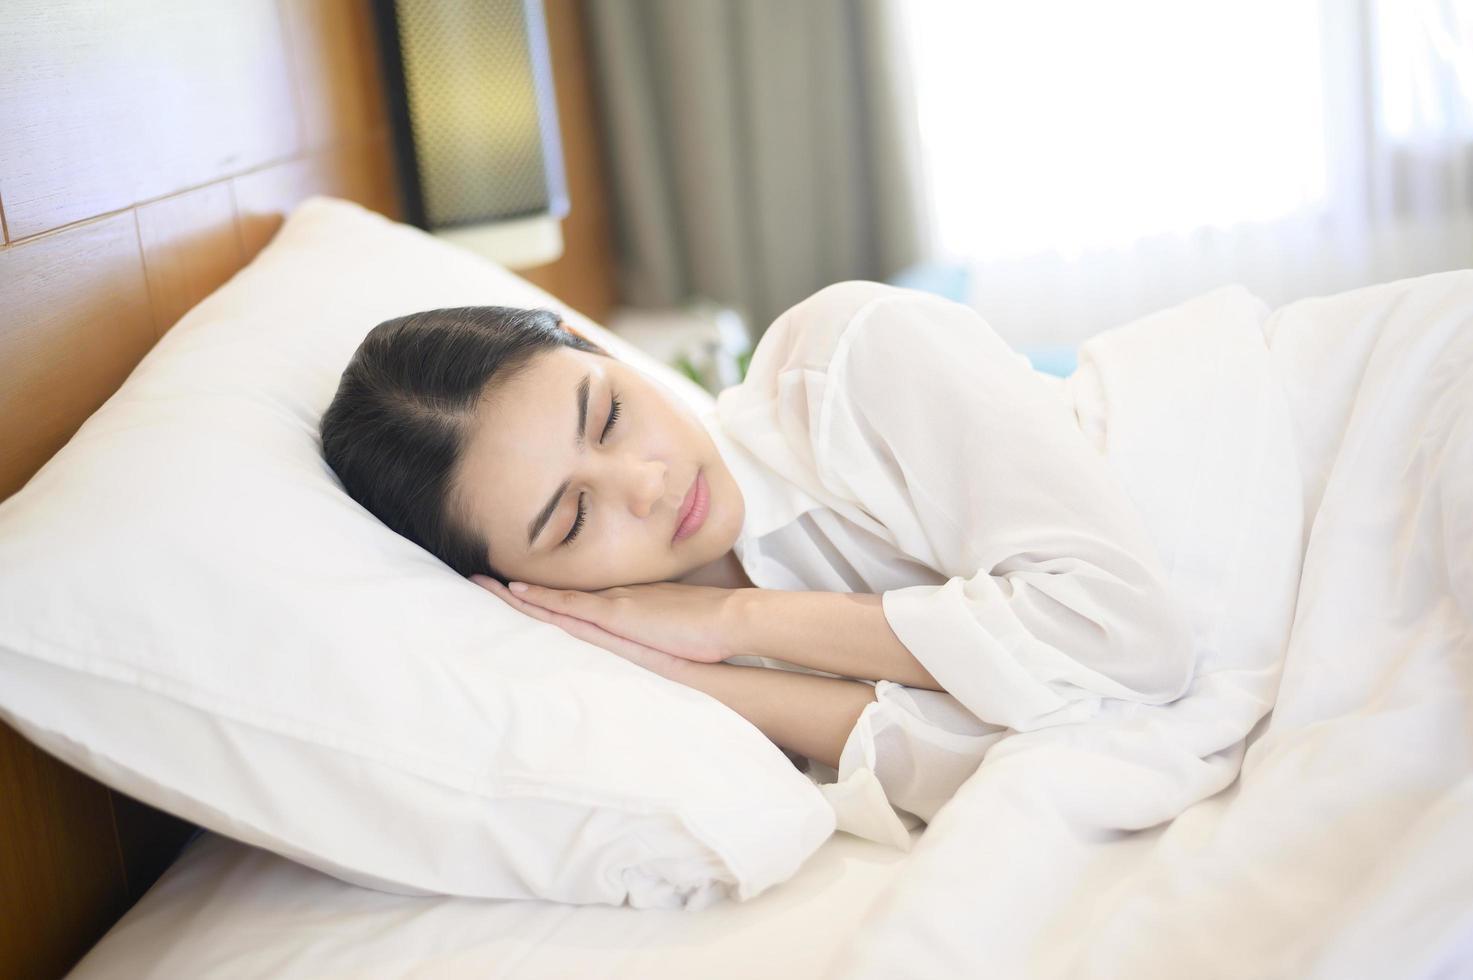 belle jeune femme endormie dans son lit à la maison photo